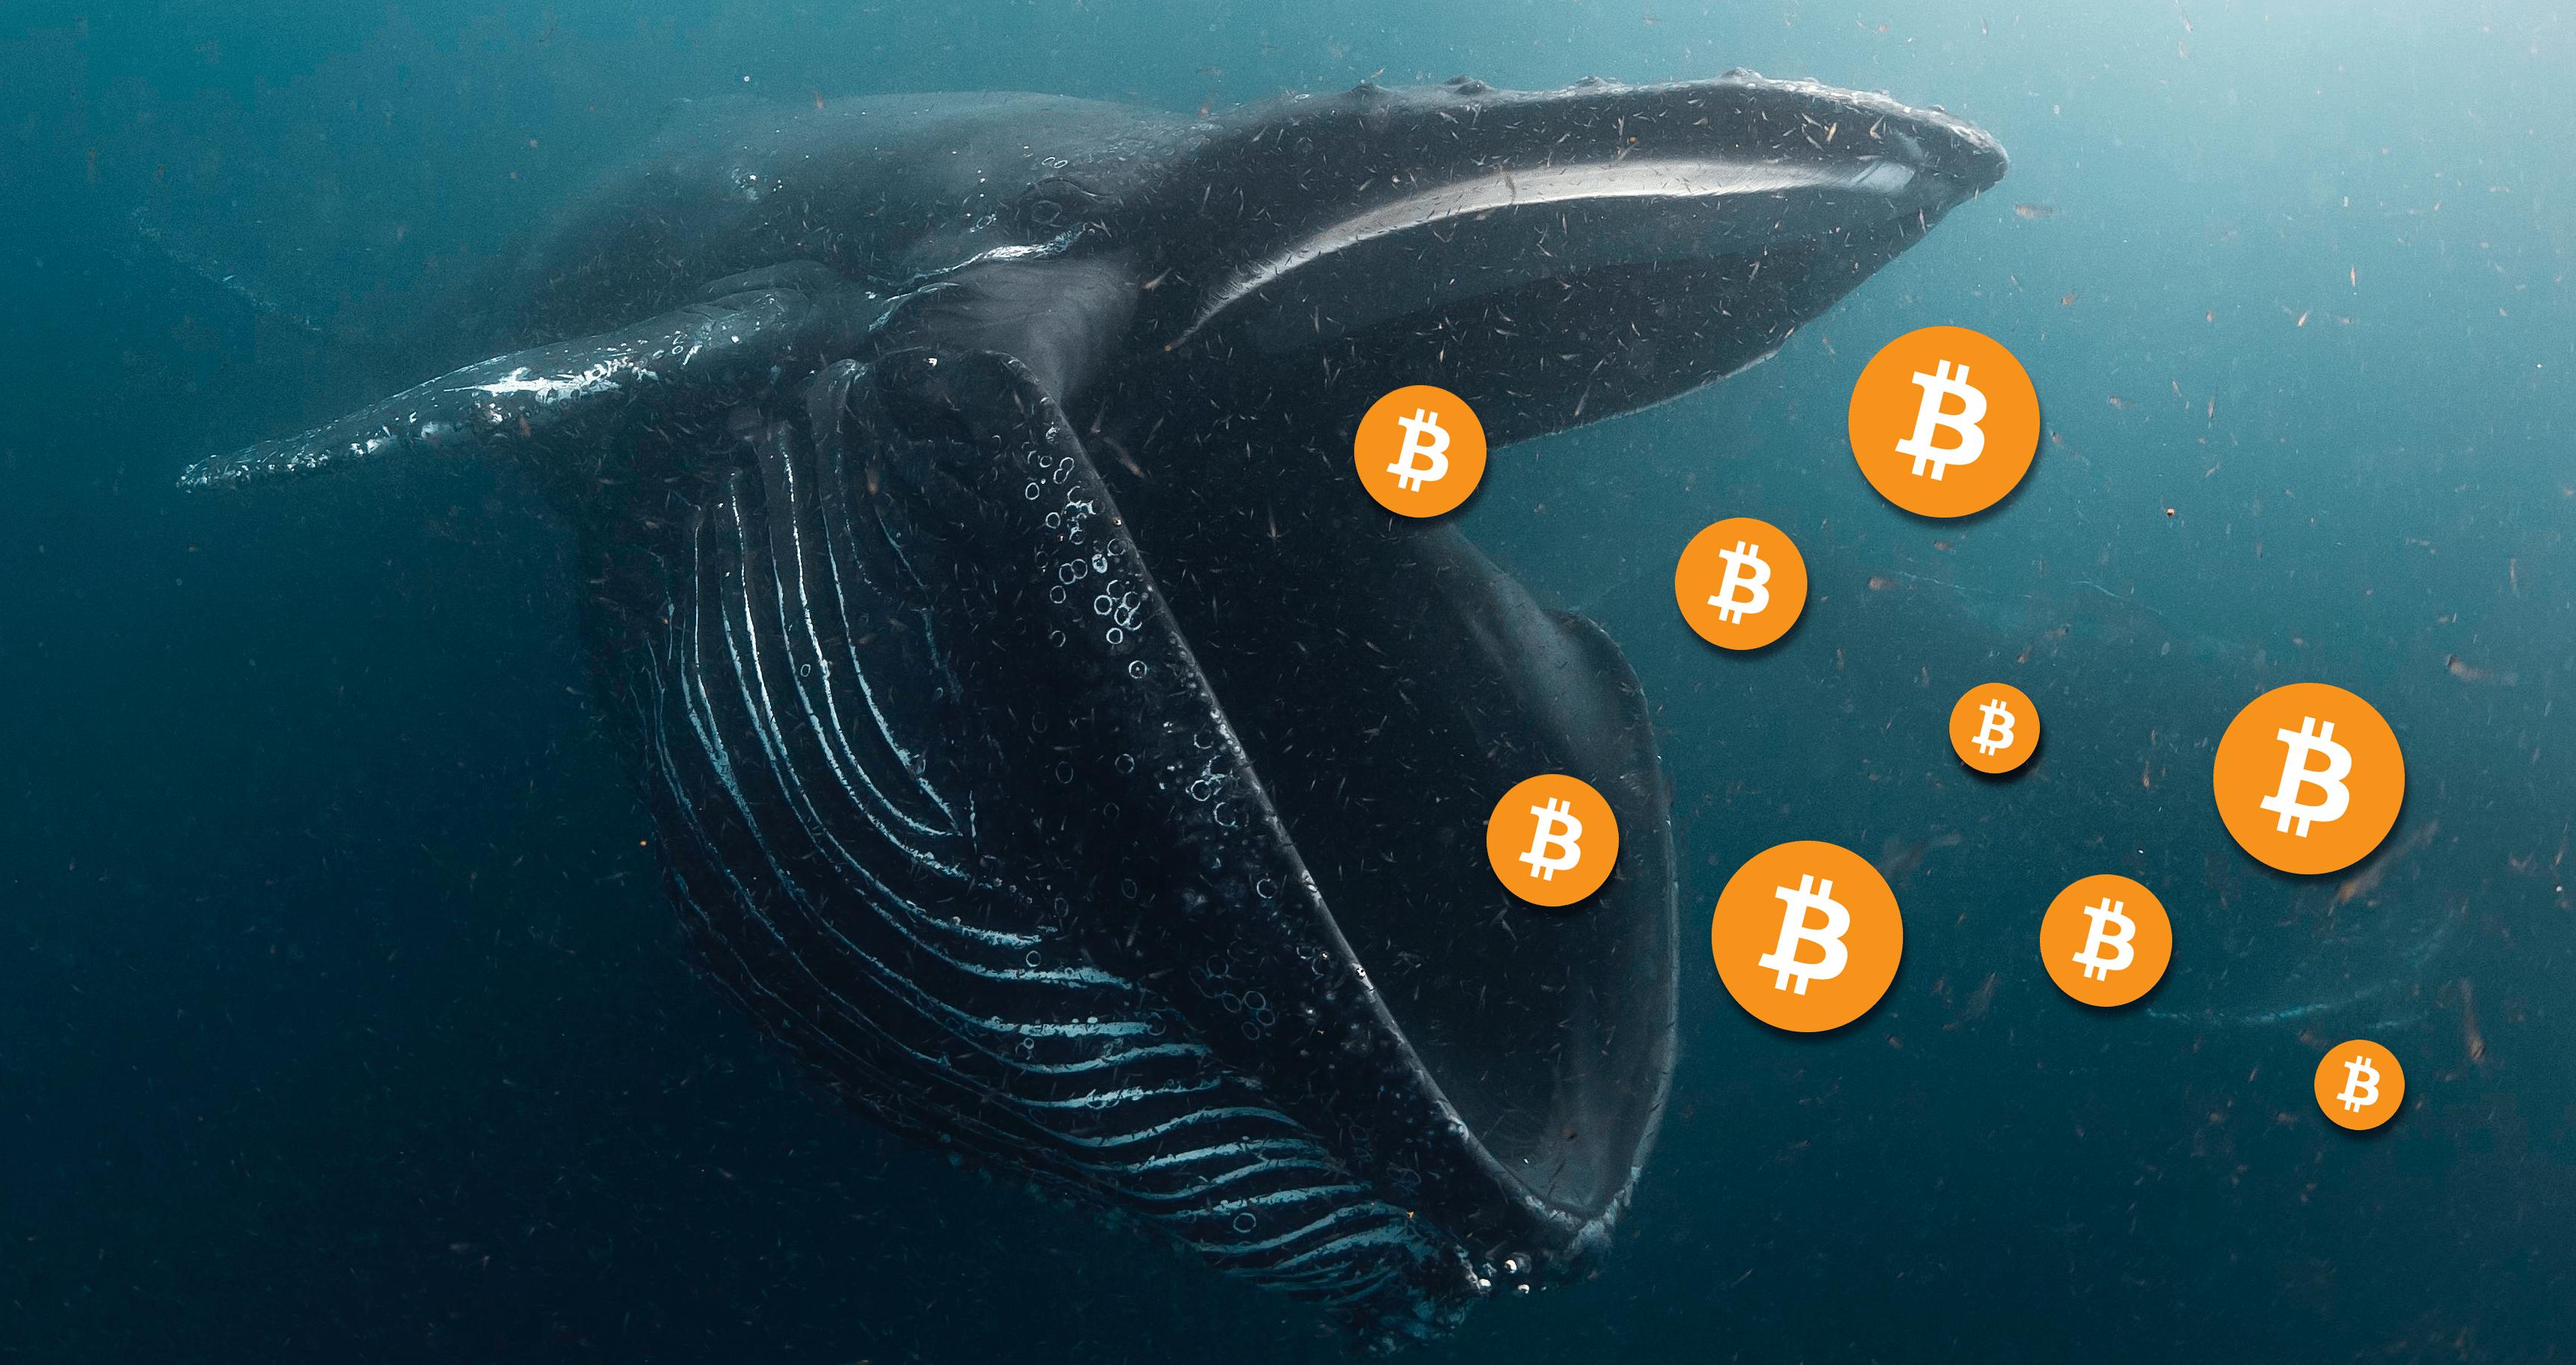 Le balene di Bitcoin acquistano 60K BTC in un giorno